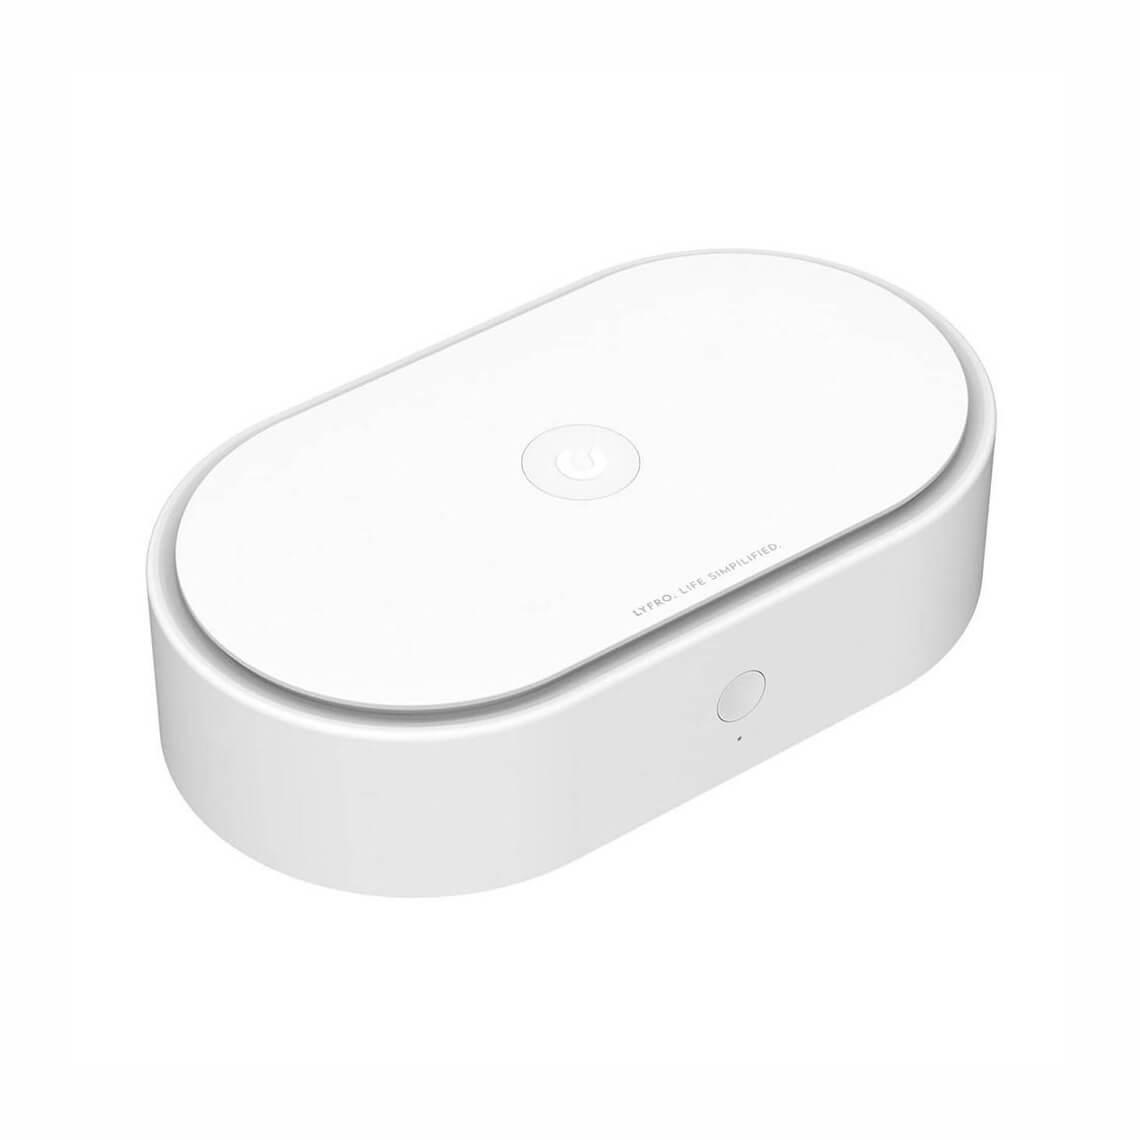 دستگاه ضدعفونی کننده یونیک مدل Lyfro capsule